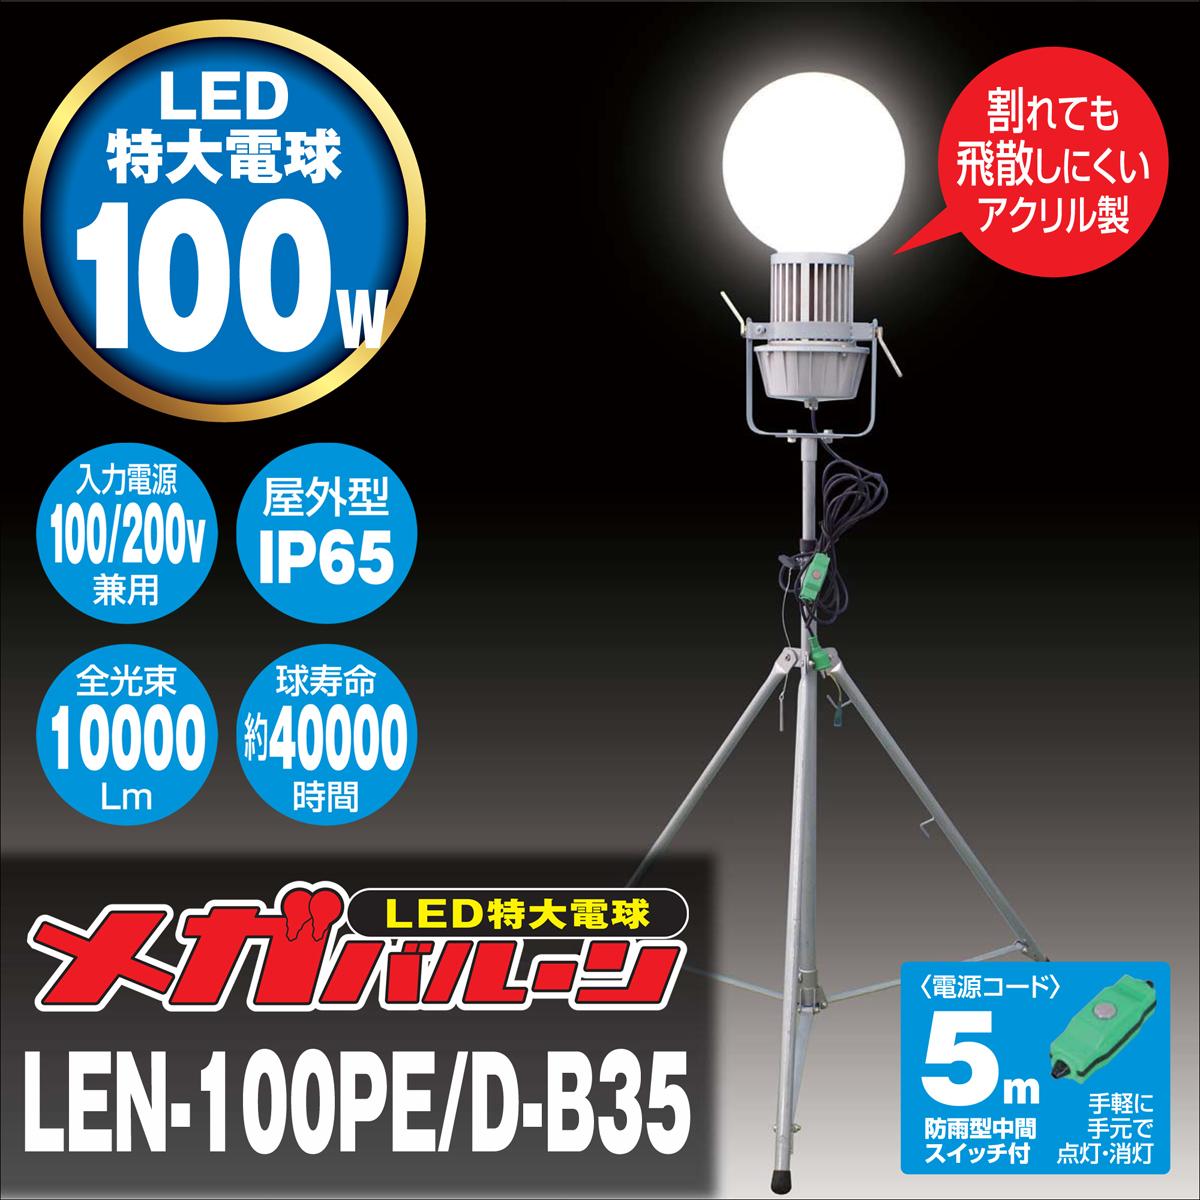 【店舗クーポン発行中】【日動工業】LED特大電球 メガバルーン LEN-100PE / D-B35